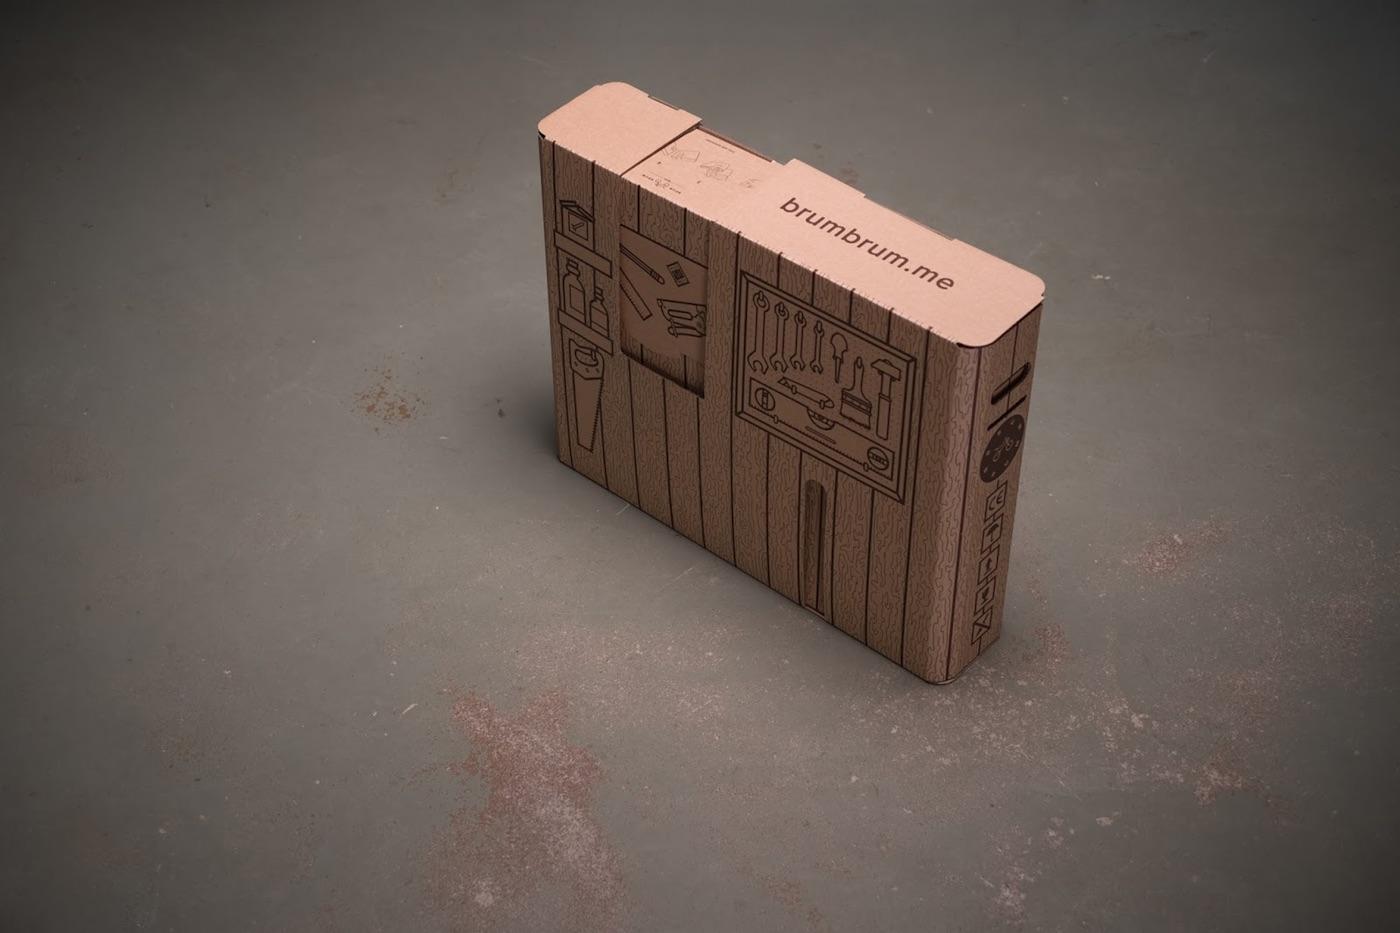 brum box packaging